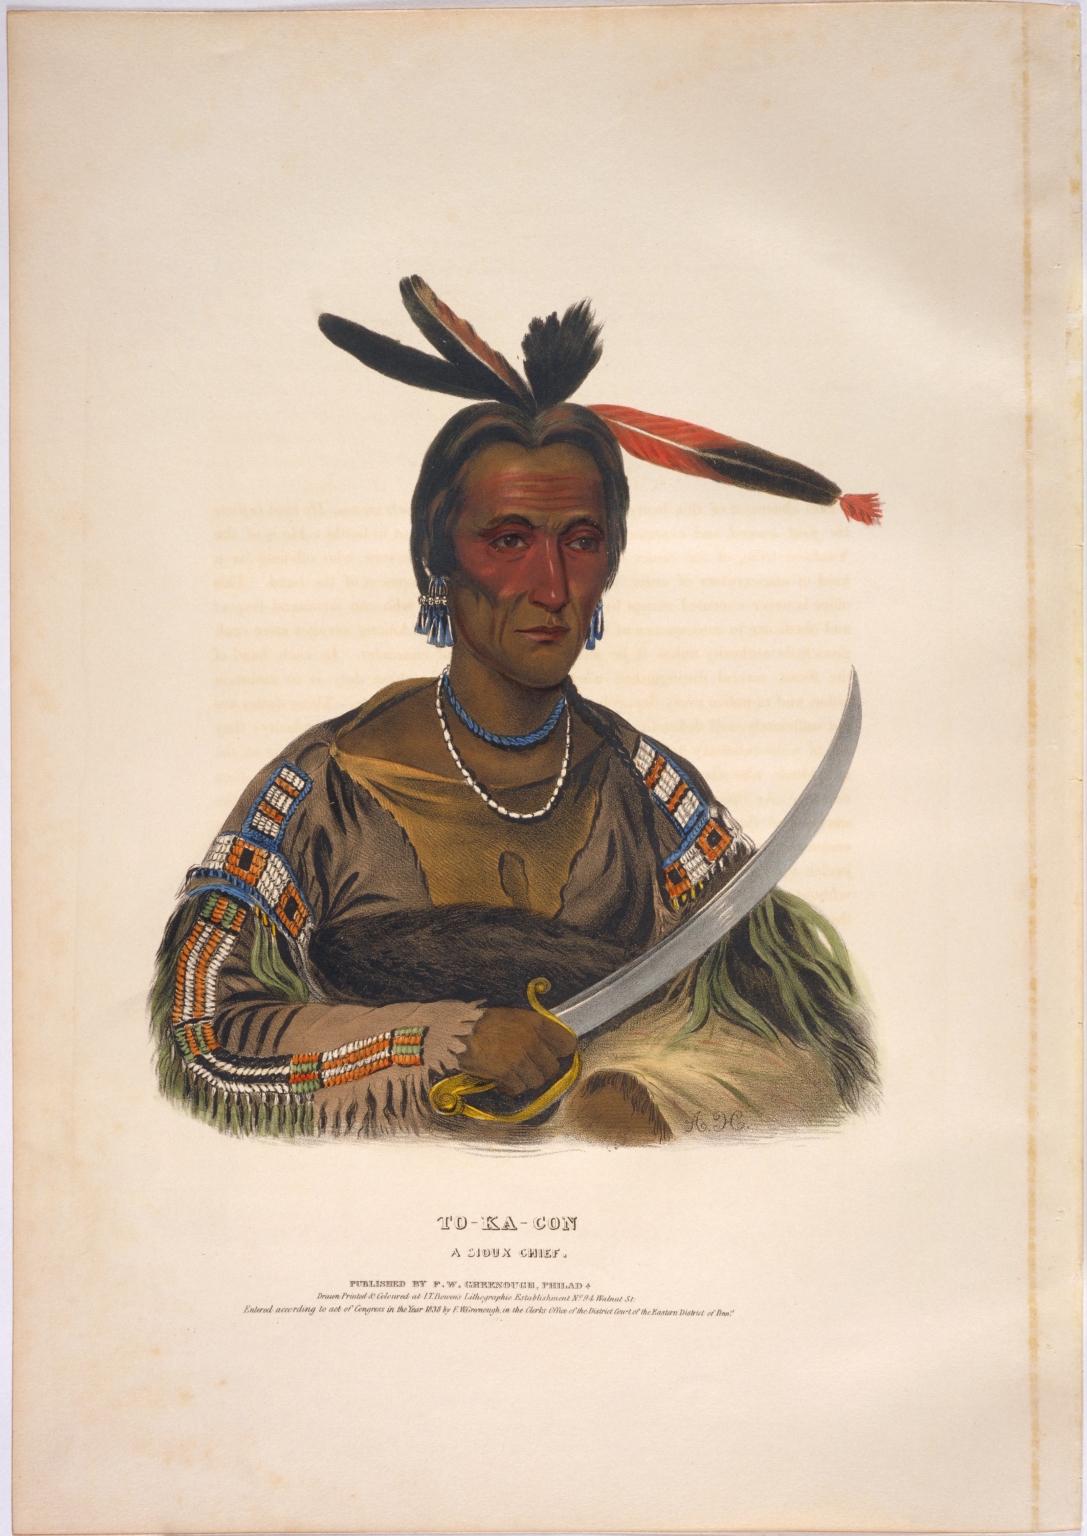 To-ka-con, a Sioux chief